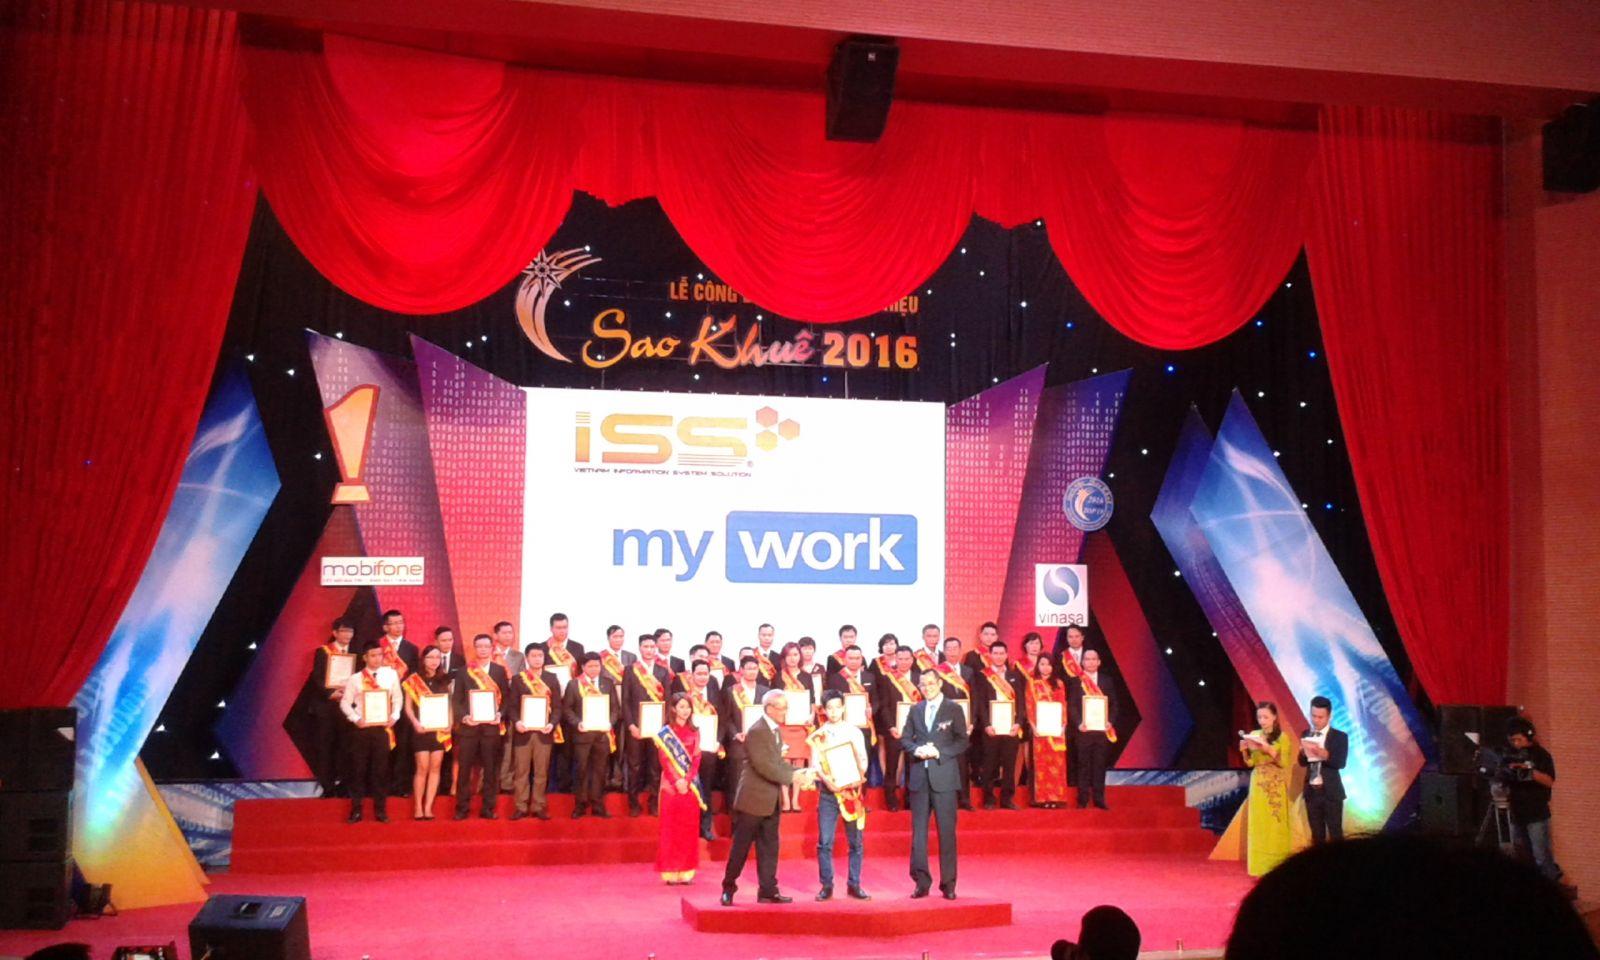 Giải thưởng Sao Khuê 2016